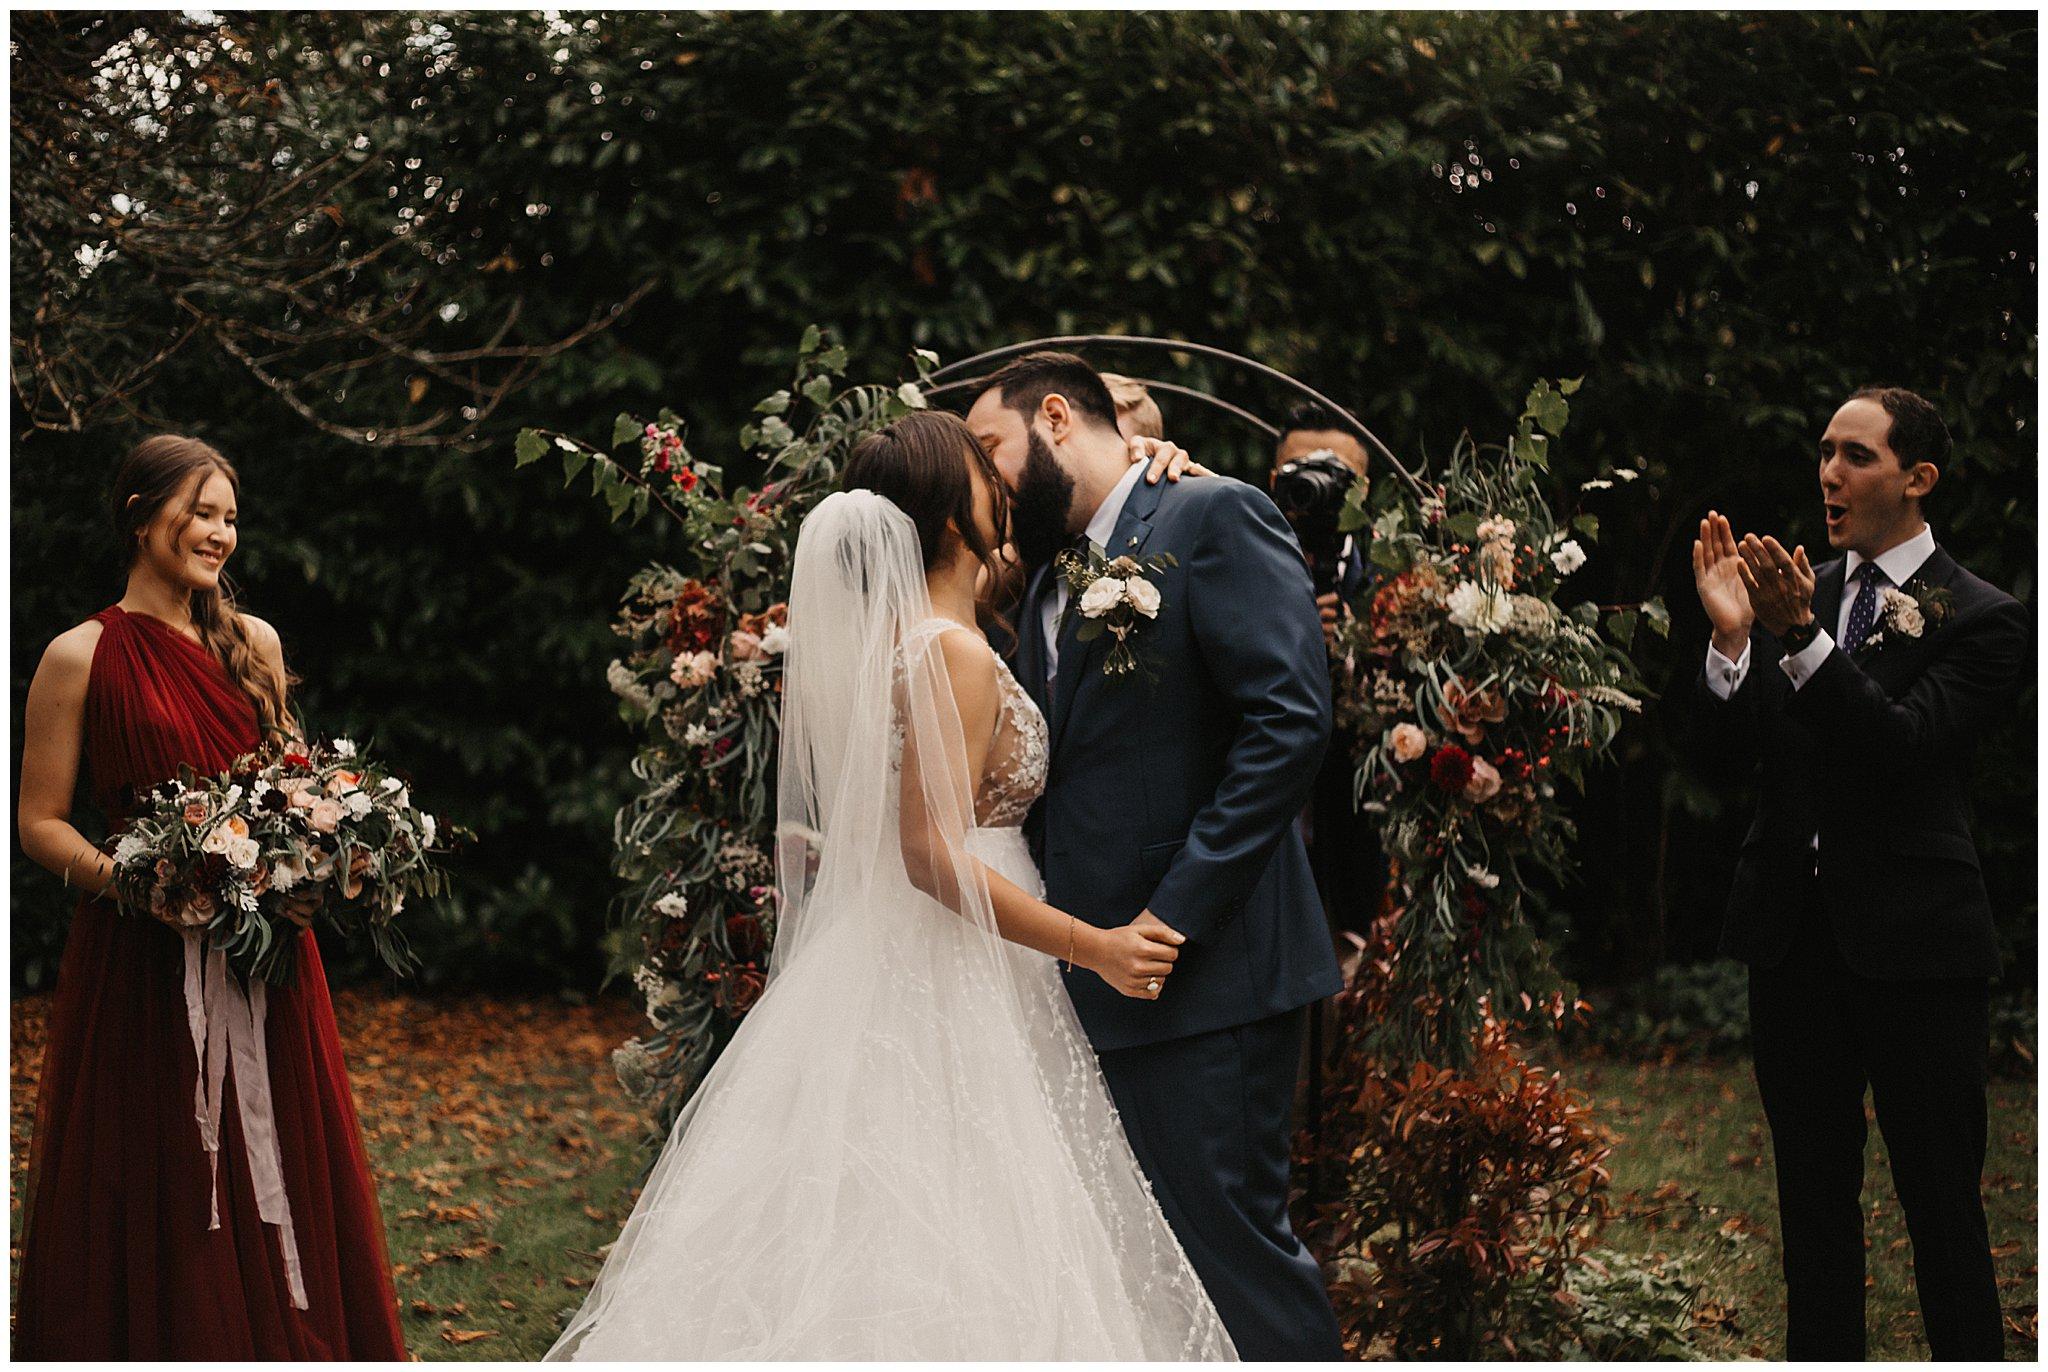 Max & Ksenia Autumnal Wiltshire Wedding-265.jpg